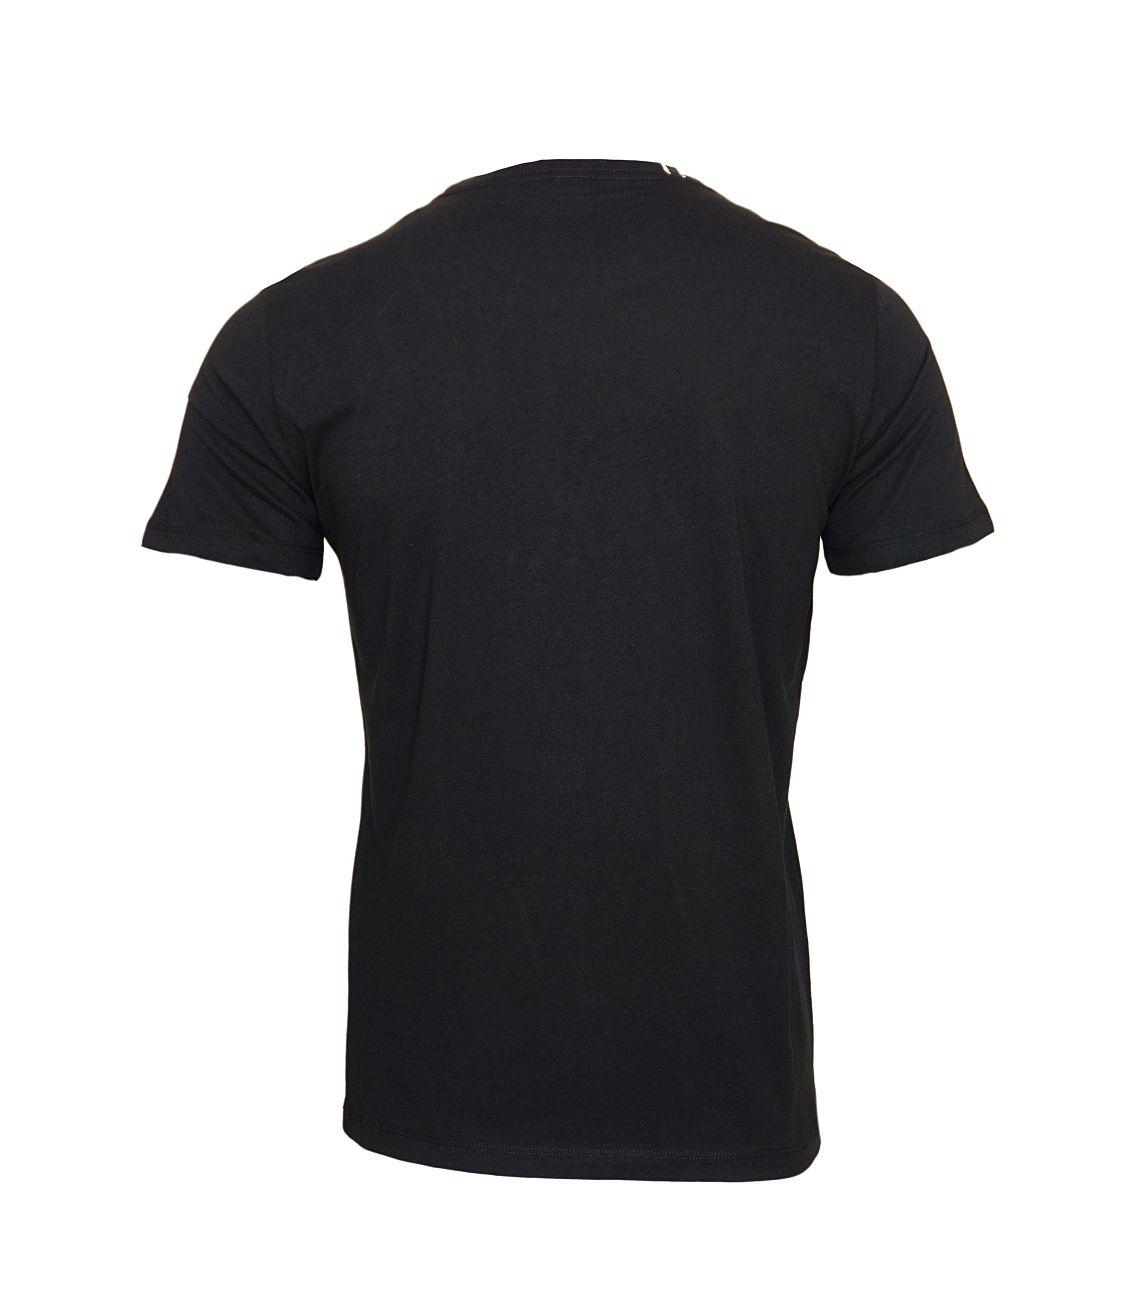 Replay T-Shirt Shirt Rundhals M3594.000 2660.098 black S18-RPT3